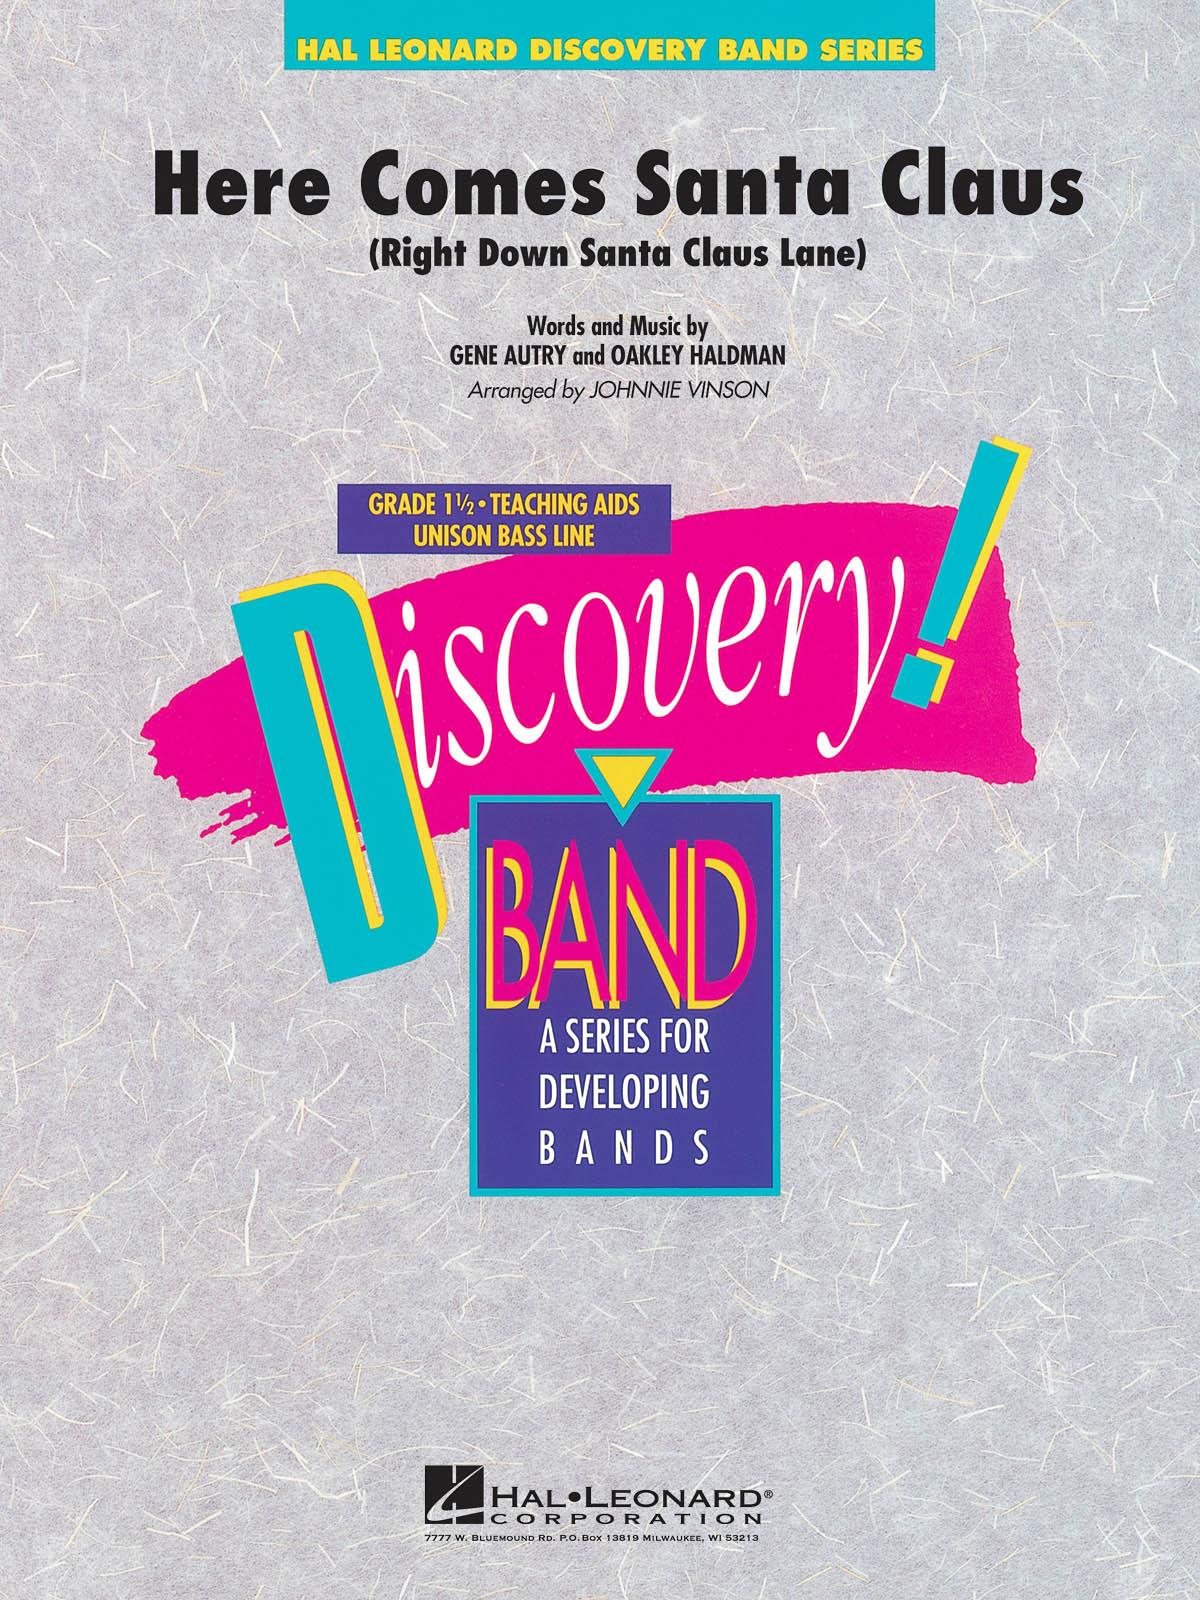 Gene Autry Oakley Haldeman: Here Comes Santa Claus: Concert Band: Score & Parts